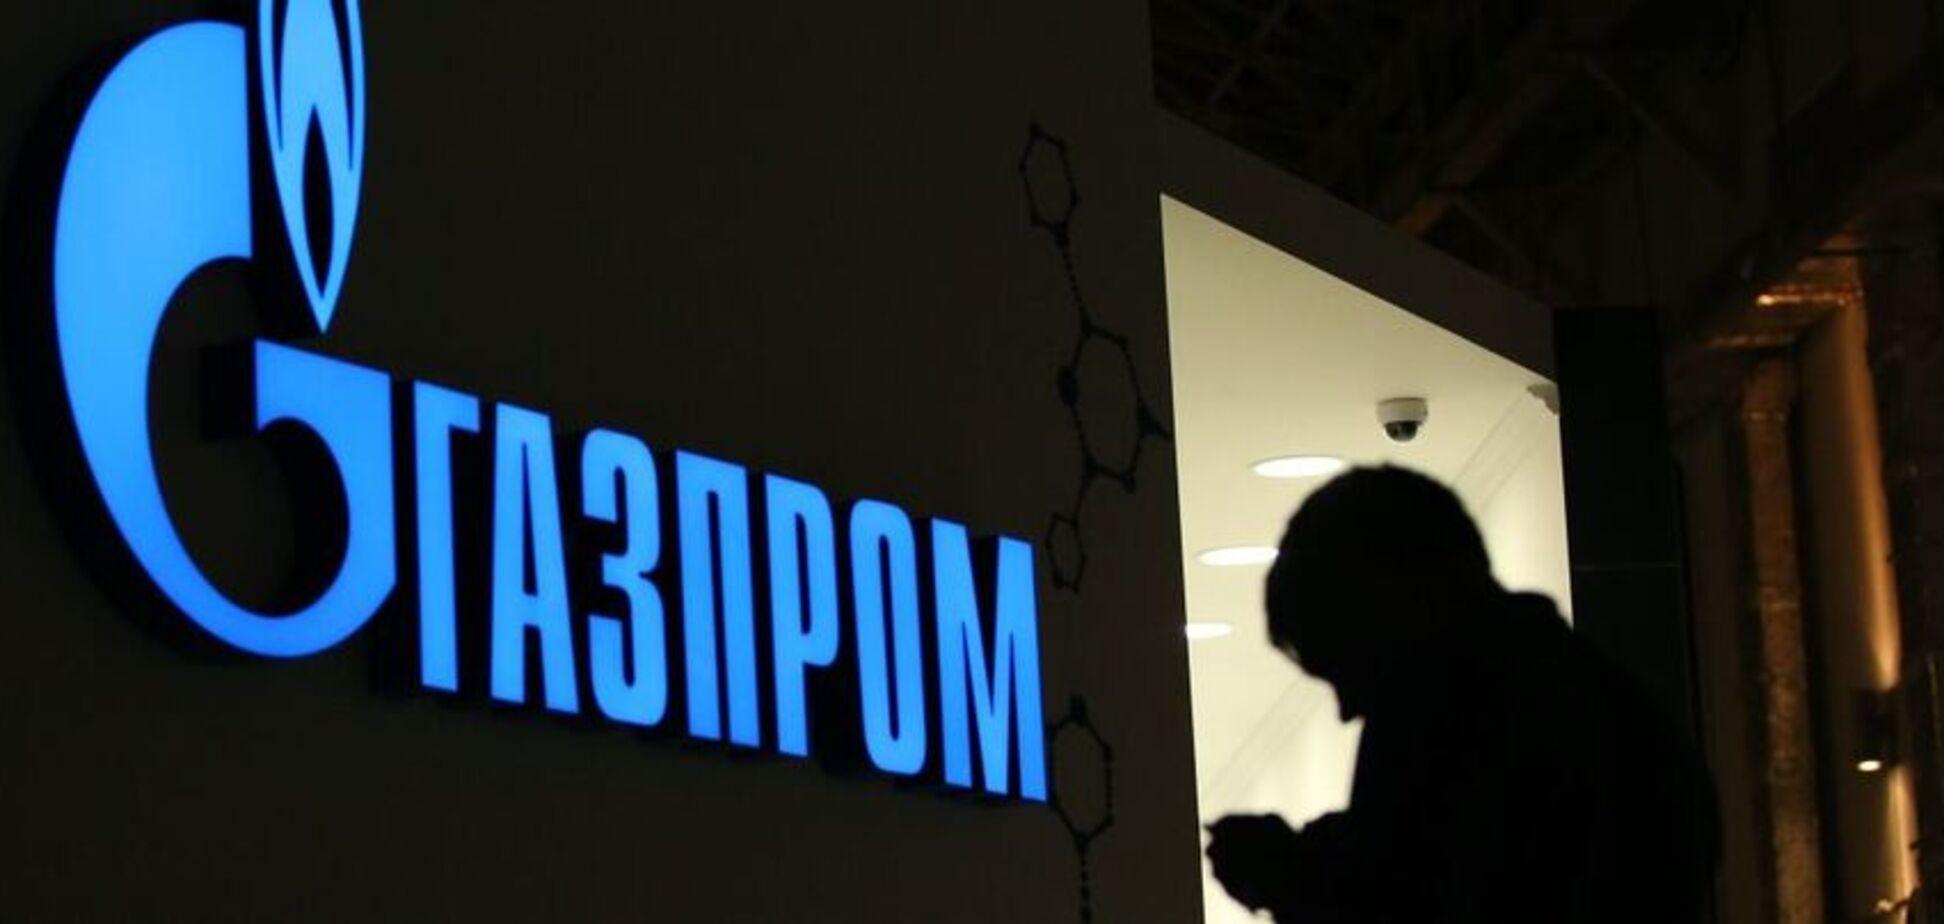 С такими темпами 'Газпром' может стать украинским